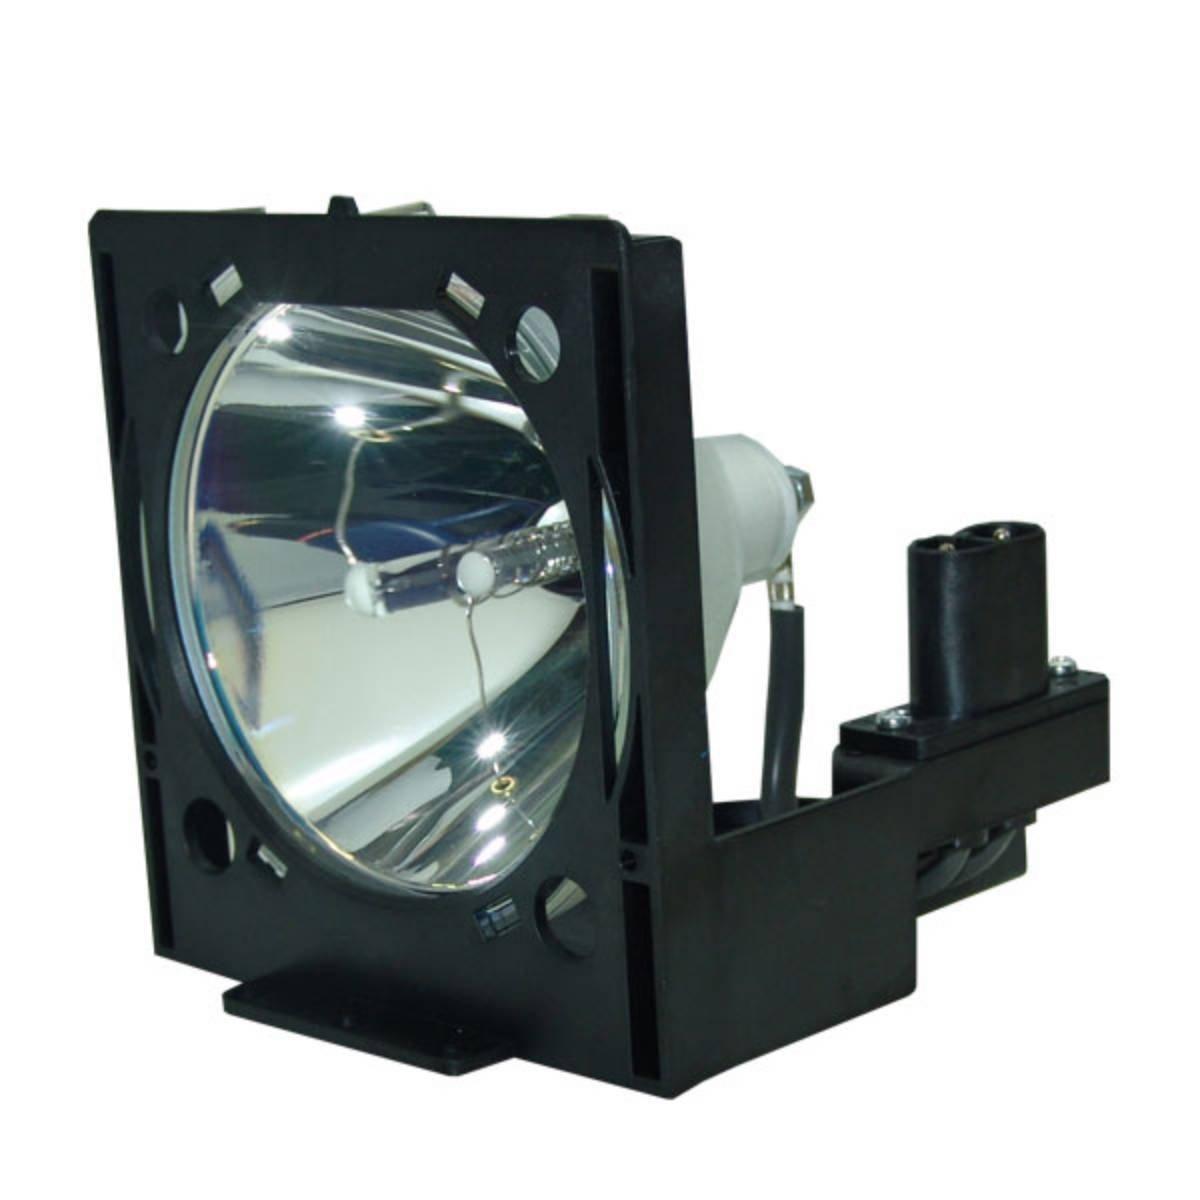 POA-LMP14 LMP14 610-265-8828 for SANYO PLC-5600D PLC-5605 PLC-8800N PLC-8805 PLC-8810 PLC-8815 PLC-XR70 Projector Lamp Bulb 610 349 7518 poa lmp142 original bare lamp for sanyo plc wk2500 plc xd2600 xd2200 plc xe34 plc xk2200 plc xk2600 plc xk3010